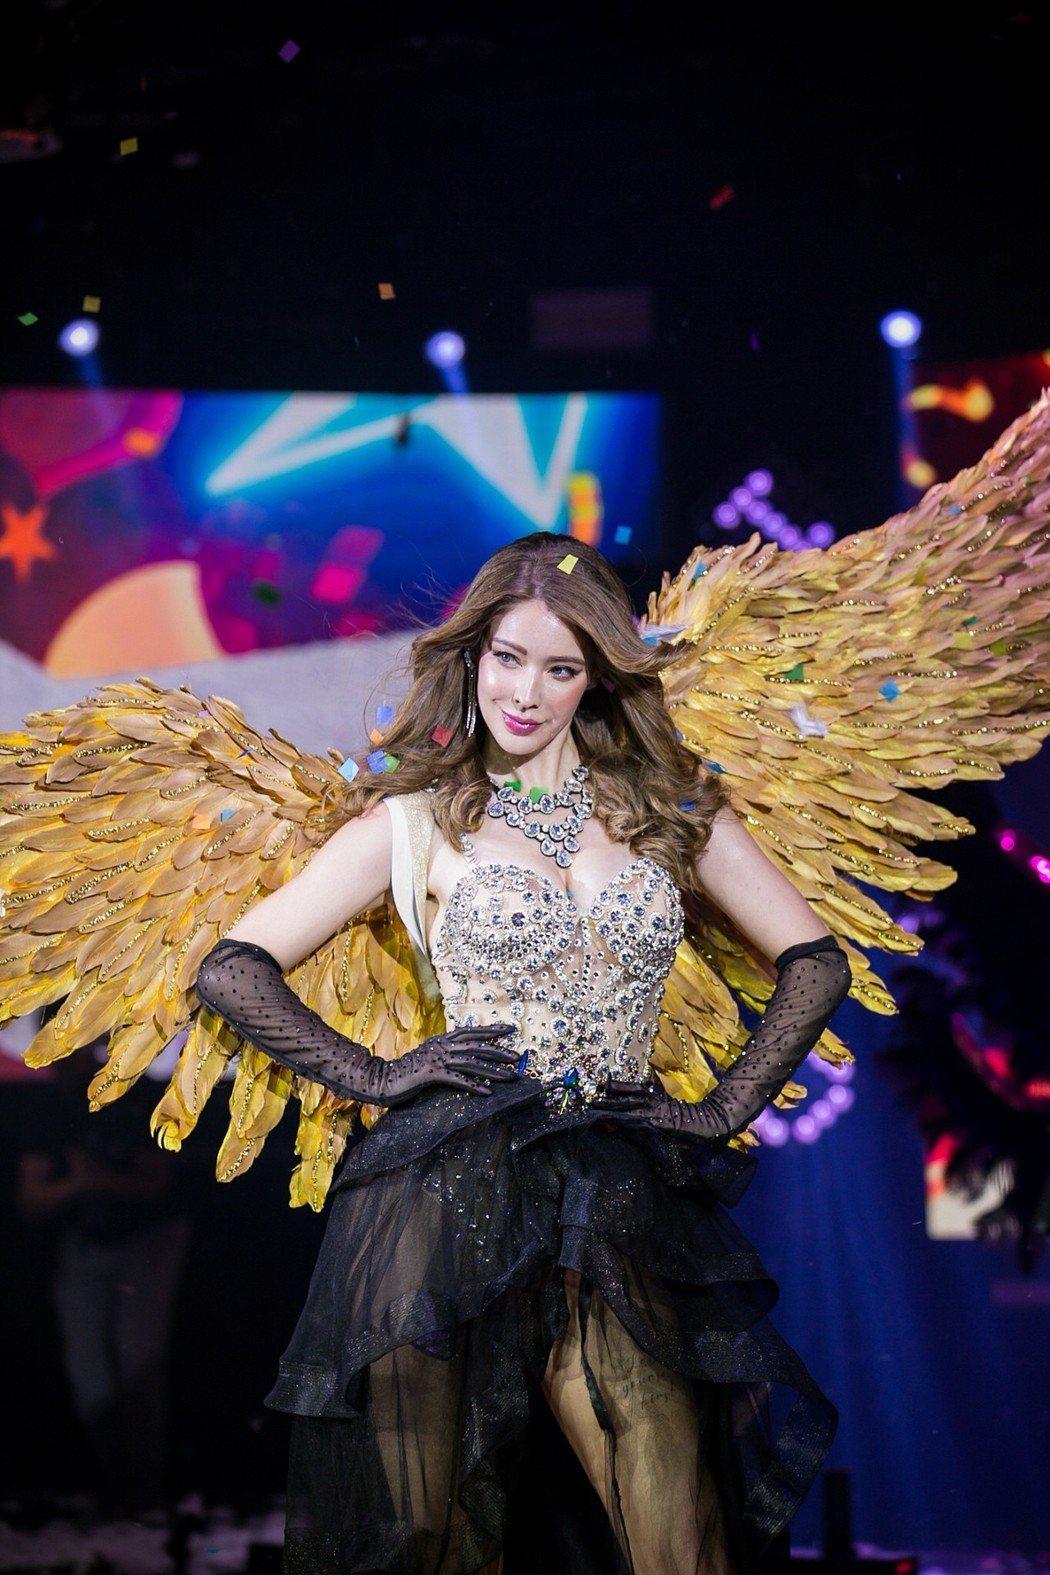 安妮日前出席活動,揹上水鑽翅膀,宛如真正天使降臨。圖/鄭博文攝影提供